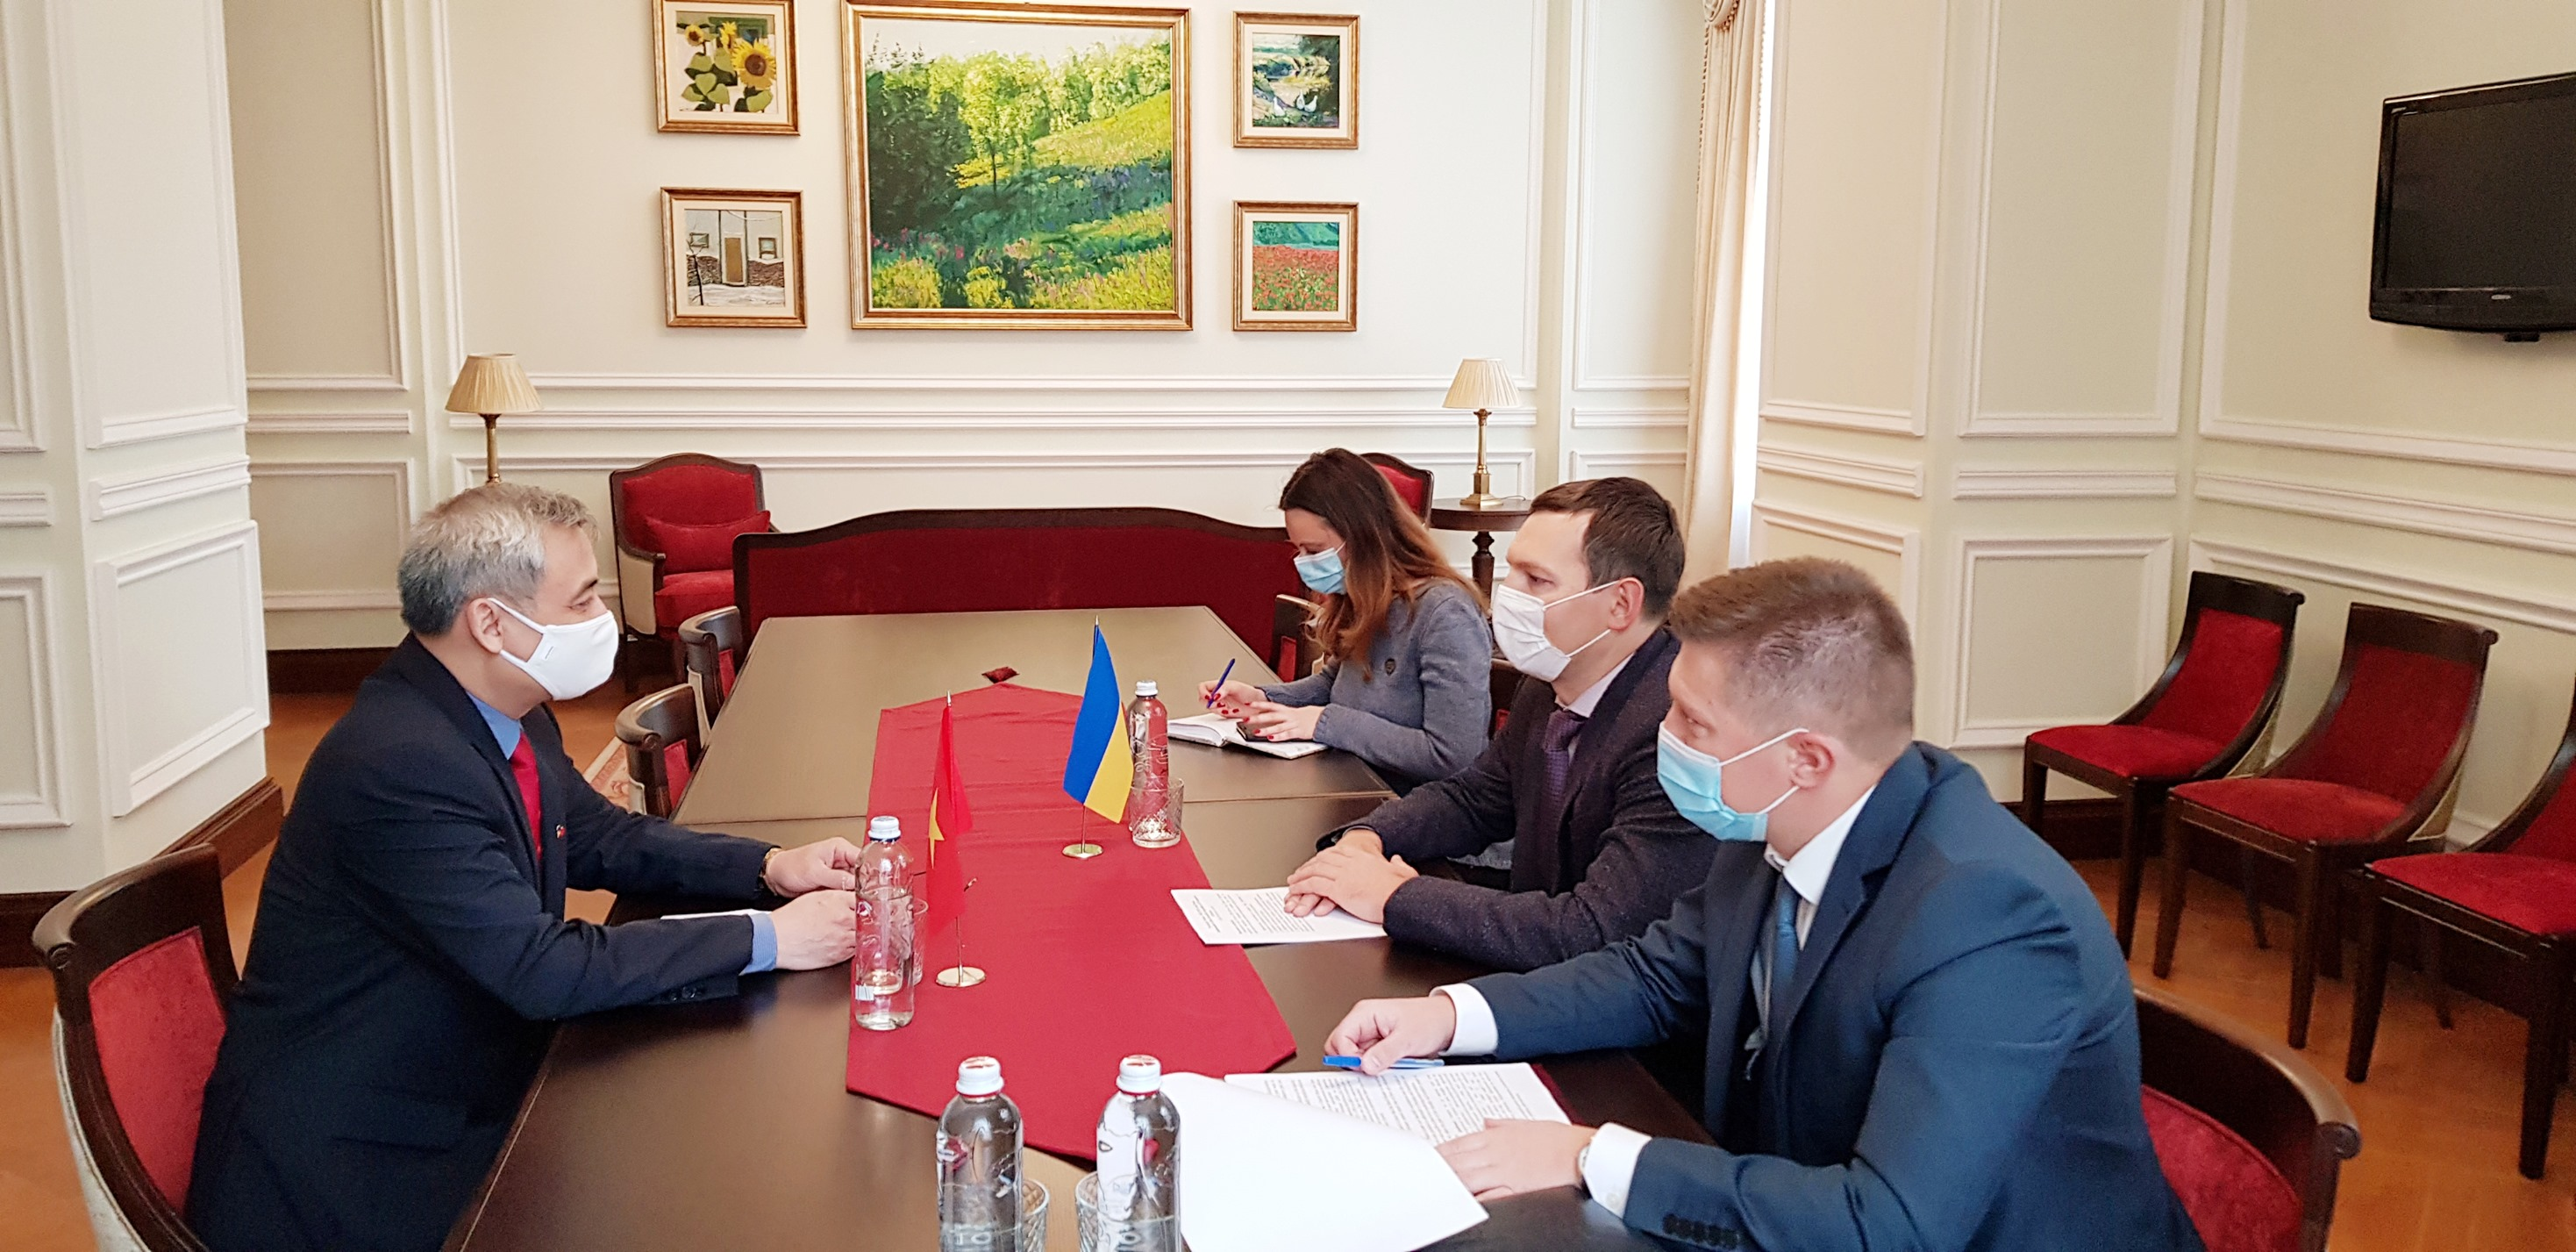 Đại sứ Nguyễn Anh Tuấn chào từ biệt Bộ Ngoại giao Ucraina